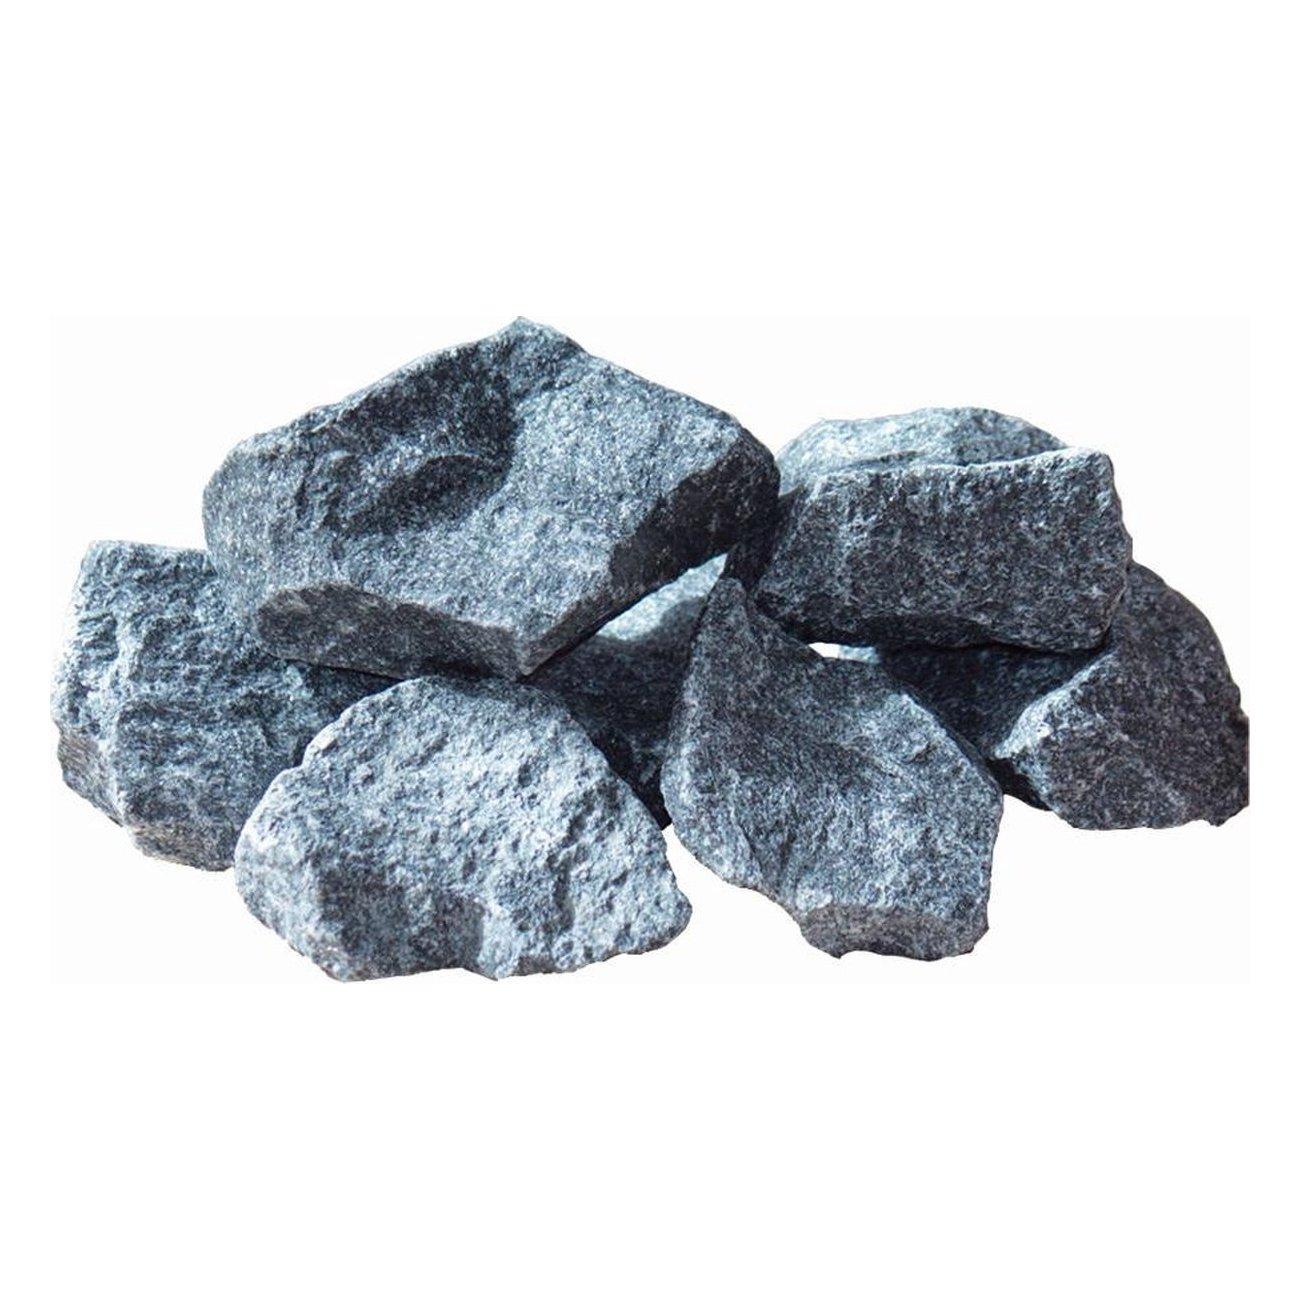 Sauna Stenen 20kg (granietstenen groter dan 10 cm)